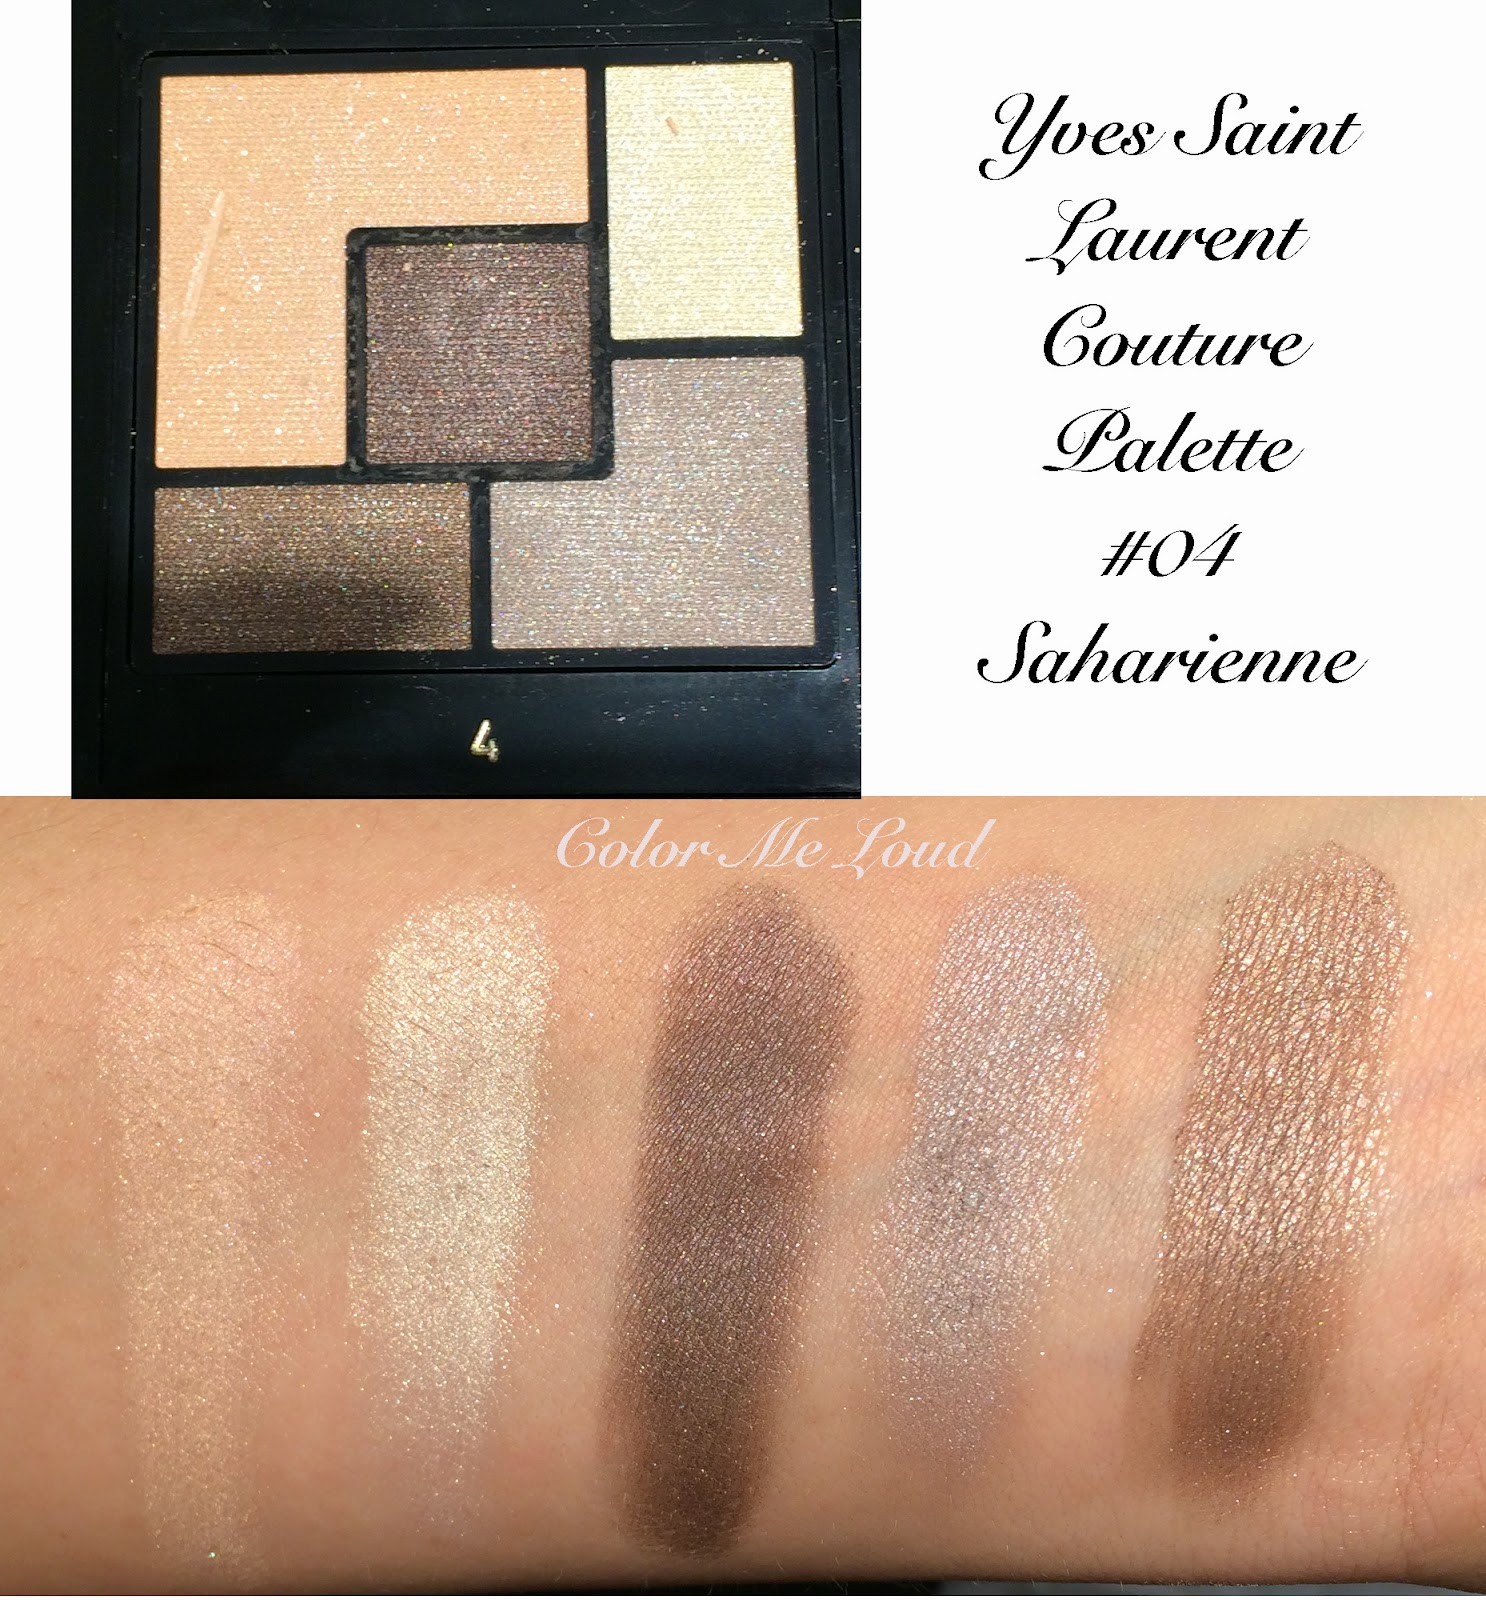 Yves saint laurent couture palette 5 couleurs 01 tuxedo 02 swatch yves saint laurent couture palette 5 couleurs 04 saharienne ccuart Gallery